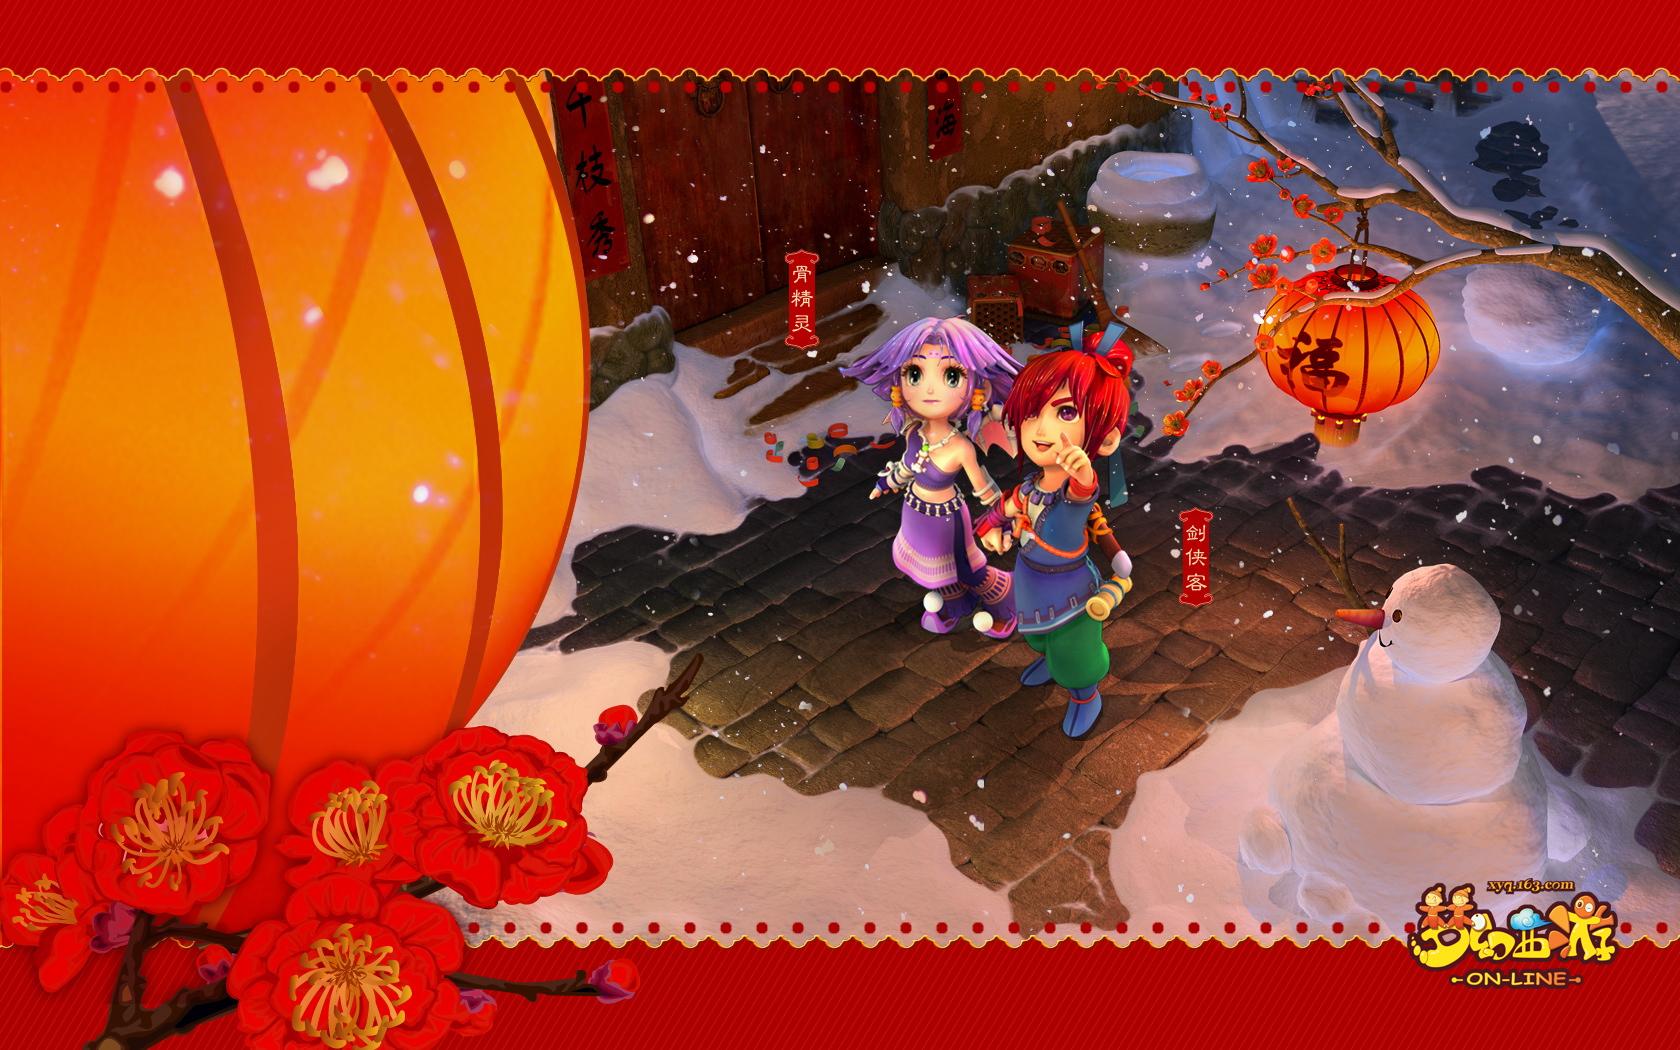 梦幻西游唯美版桌面图片大全 桌面壁纸 游戏壁纸 梦幻西游图片